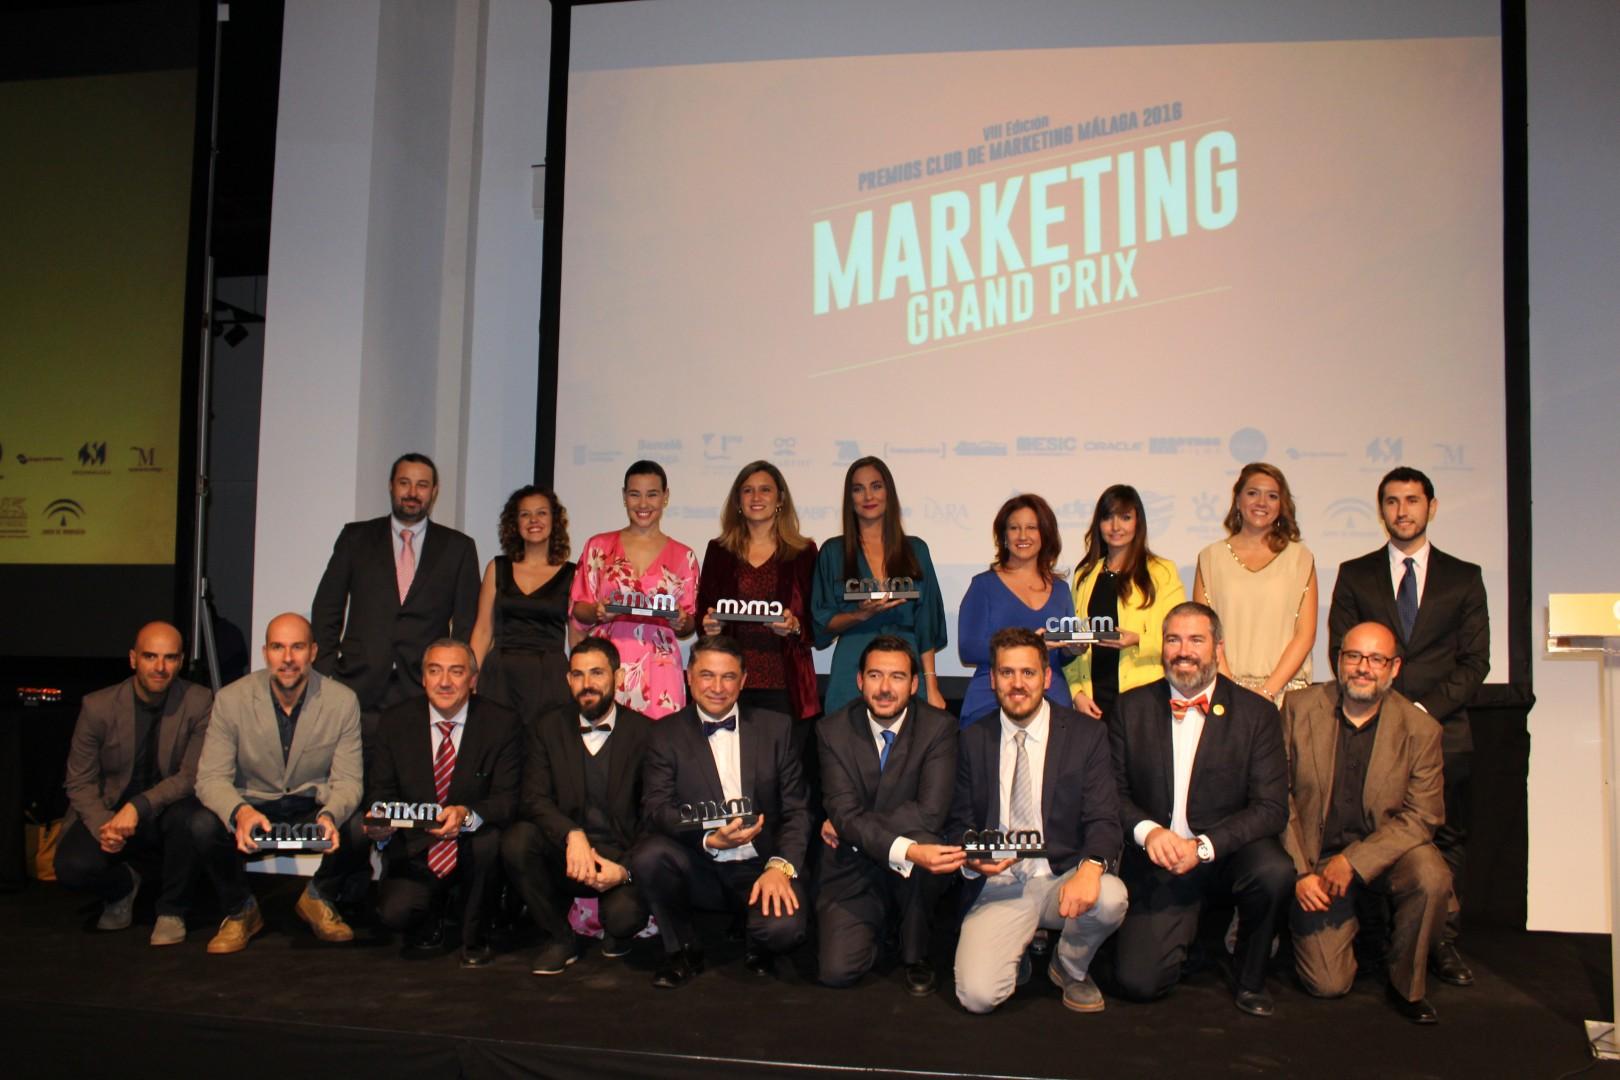 El Museo Automovilístico y de la Moda de la Málaga acoge la VIII Edición de los Premios CMKM bajo el lema Marketing Grand Prix